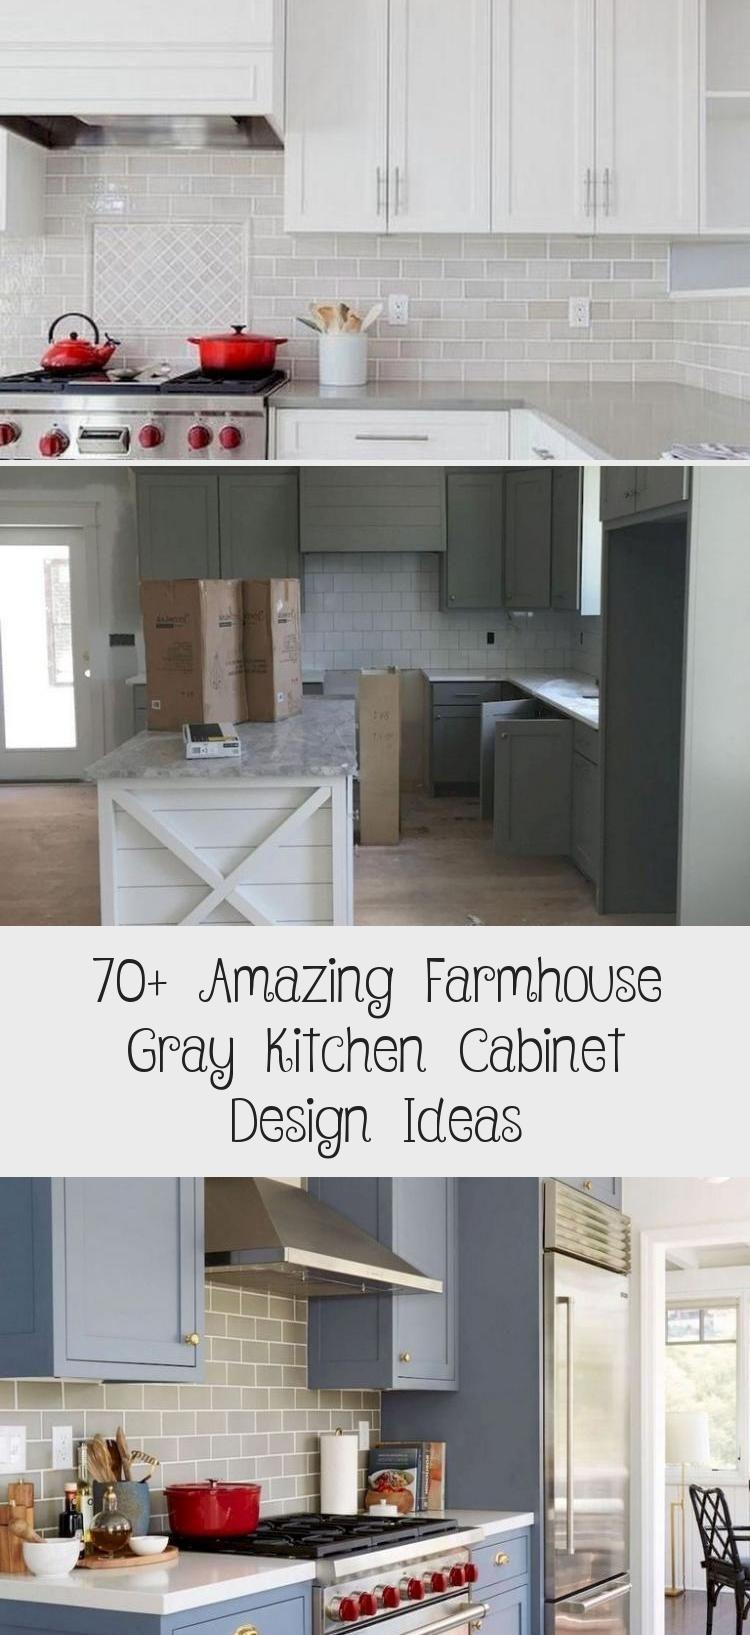 70 Amazing Farmhouse Gray Kitchen Cabinet Design Ideas Pinokyo In 2020 Grey Kitchen Cabinets Kitchen Cabinet Design Kitchen Cabinets